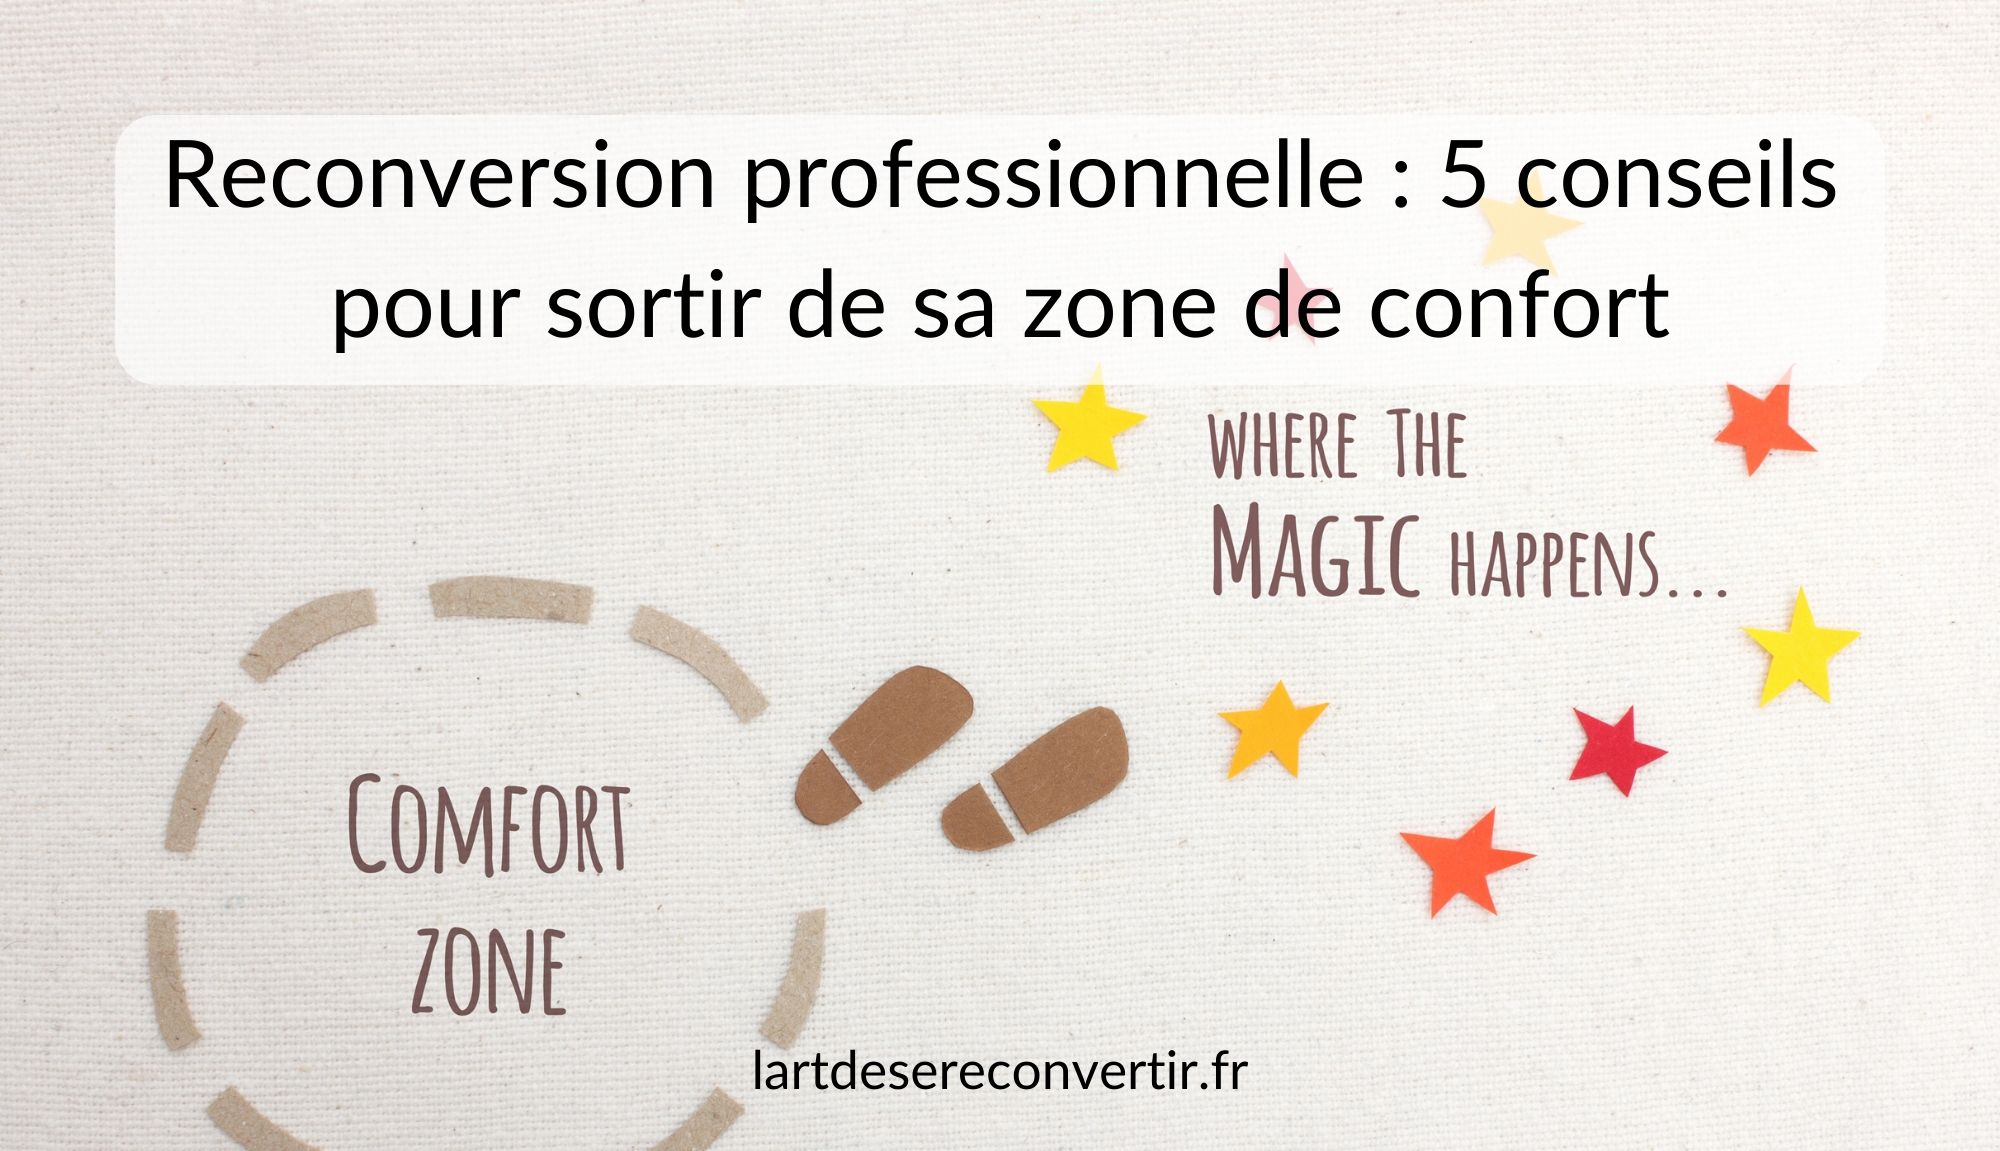 Reconversion professionnelle : 5 conseils pour sortir de sa zone de confort